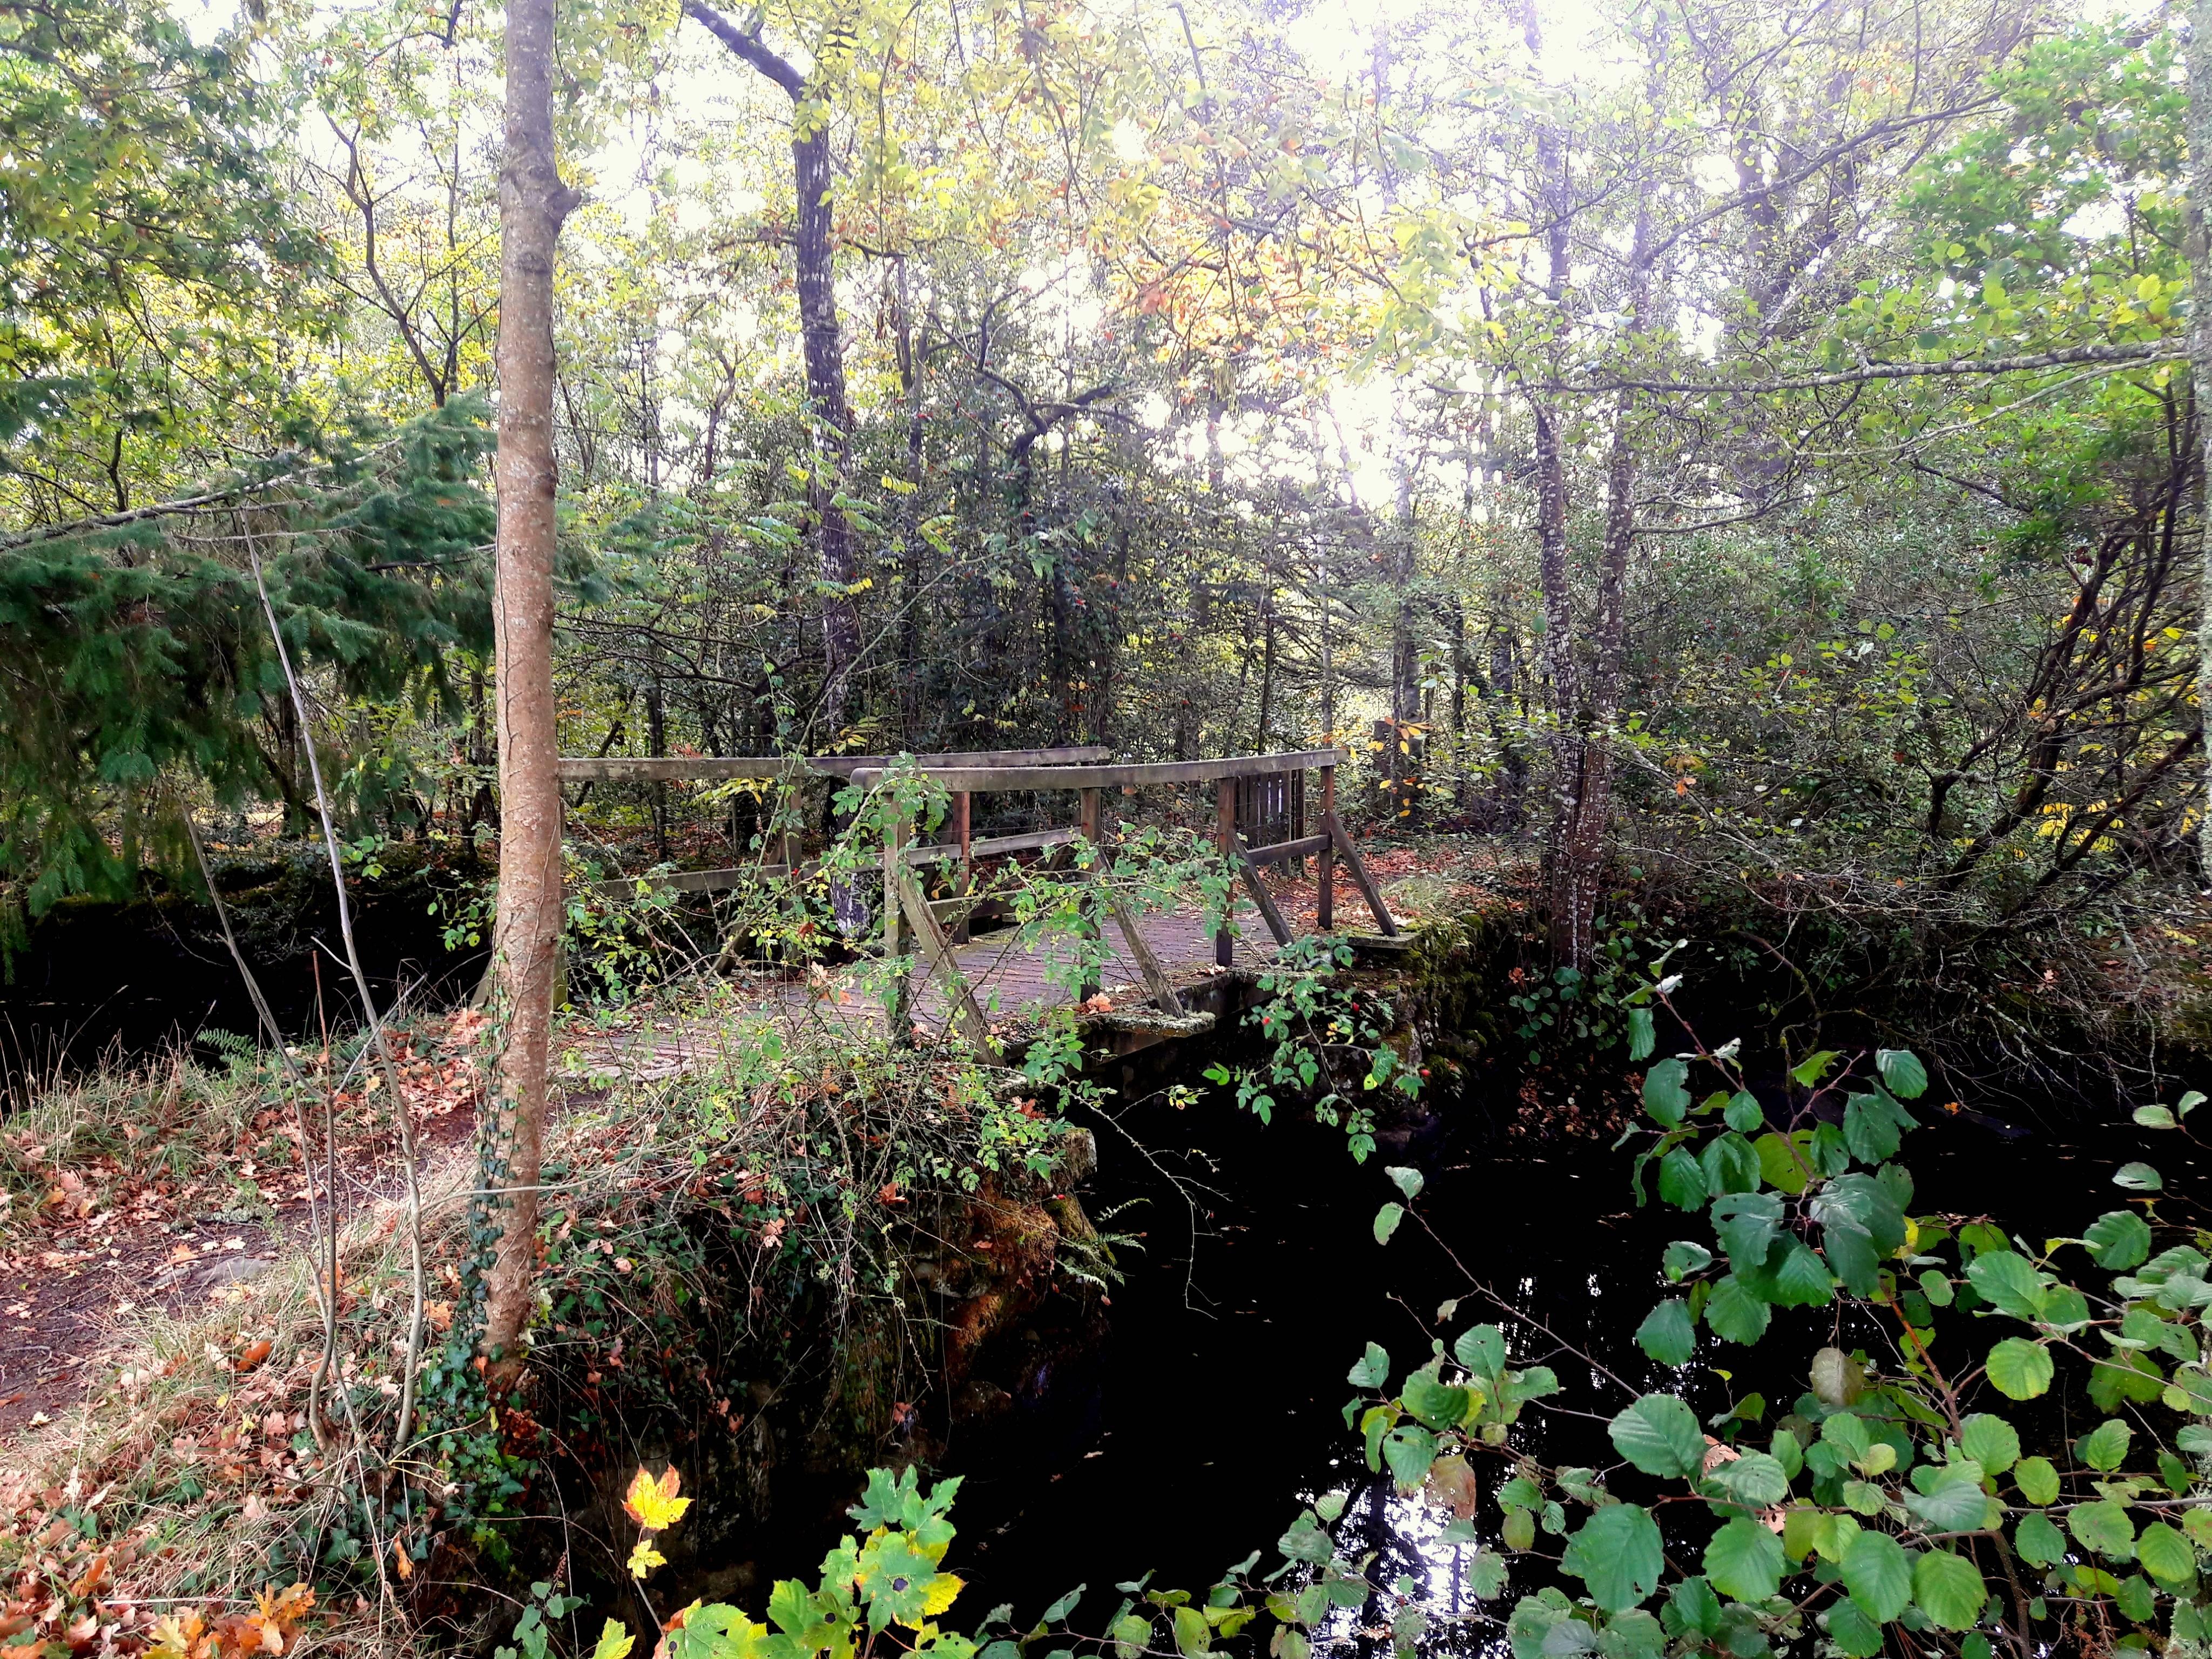 Photo 1: Balade au parc de Keravéon, Erdeven